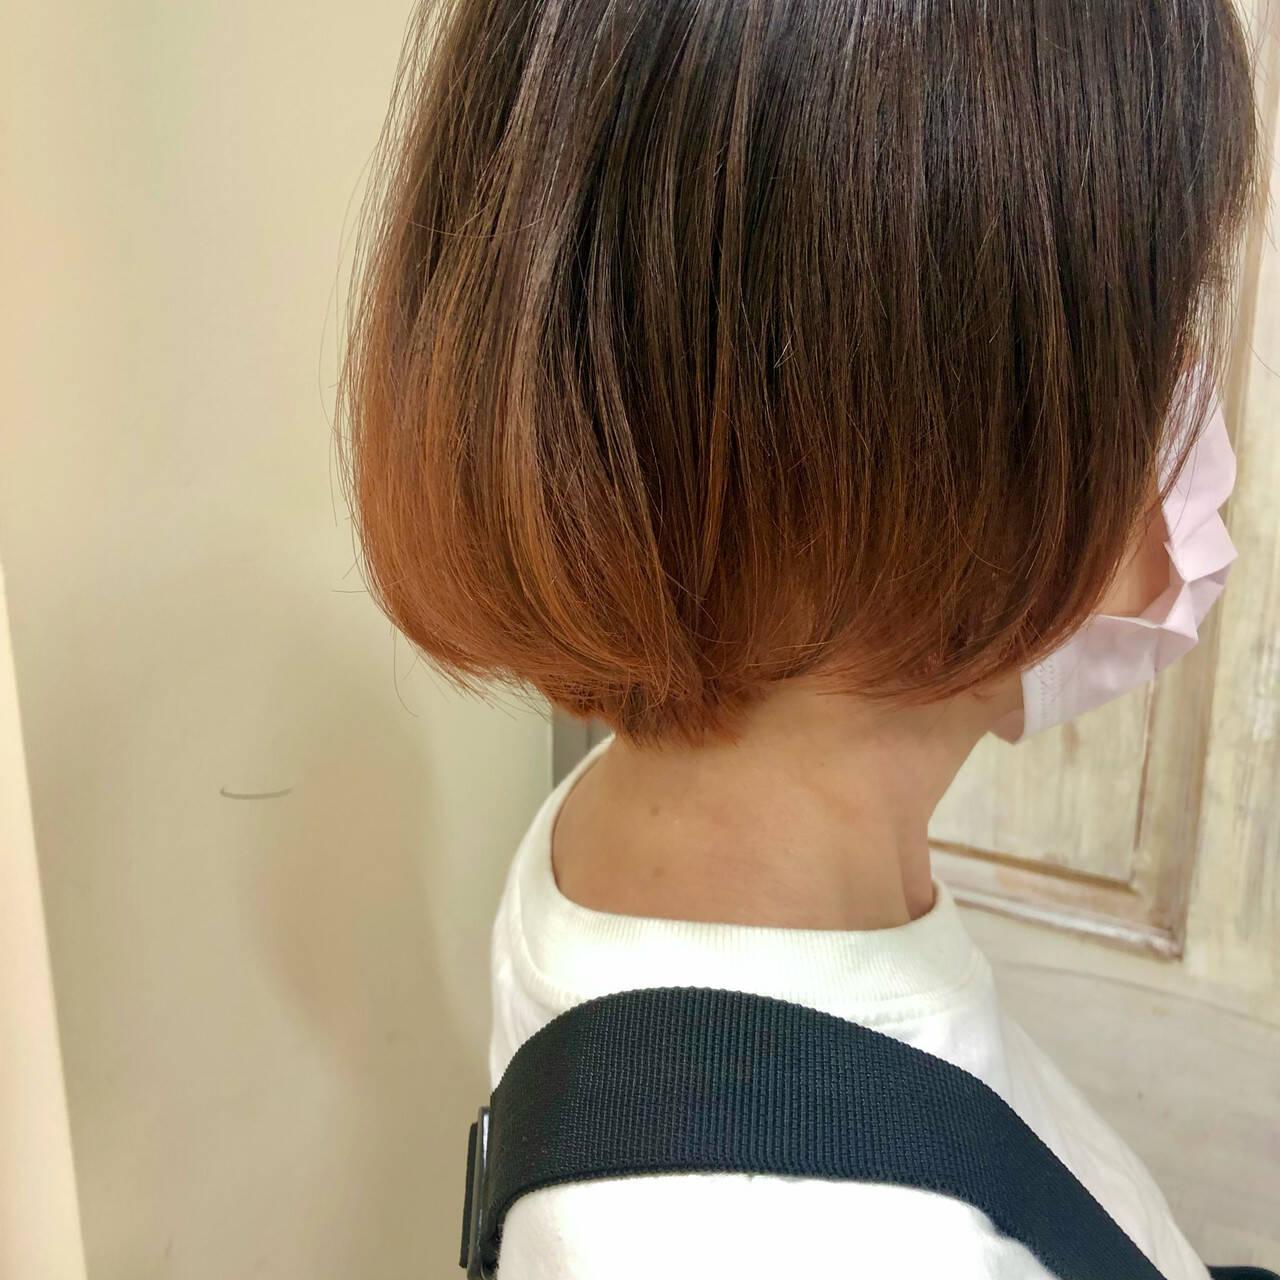 裾カラーオレンジ ショートボブ ナチュラル オレンジヘアスタイルや髪型の写真・画像